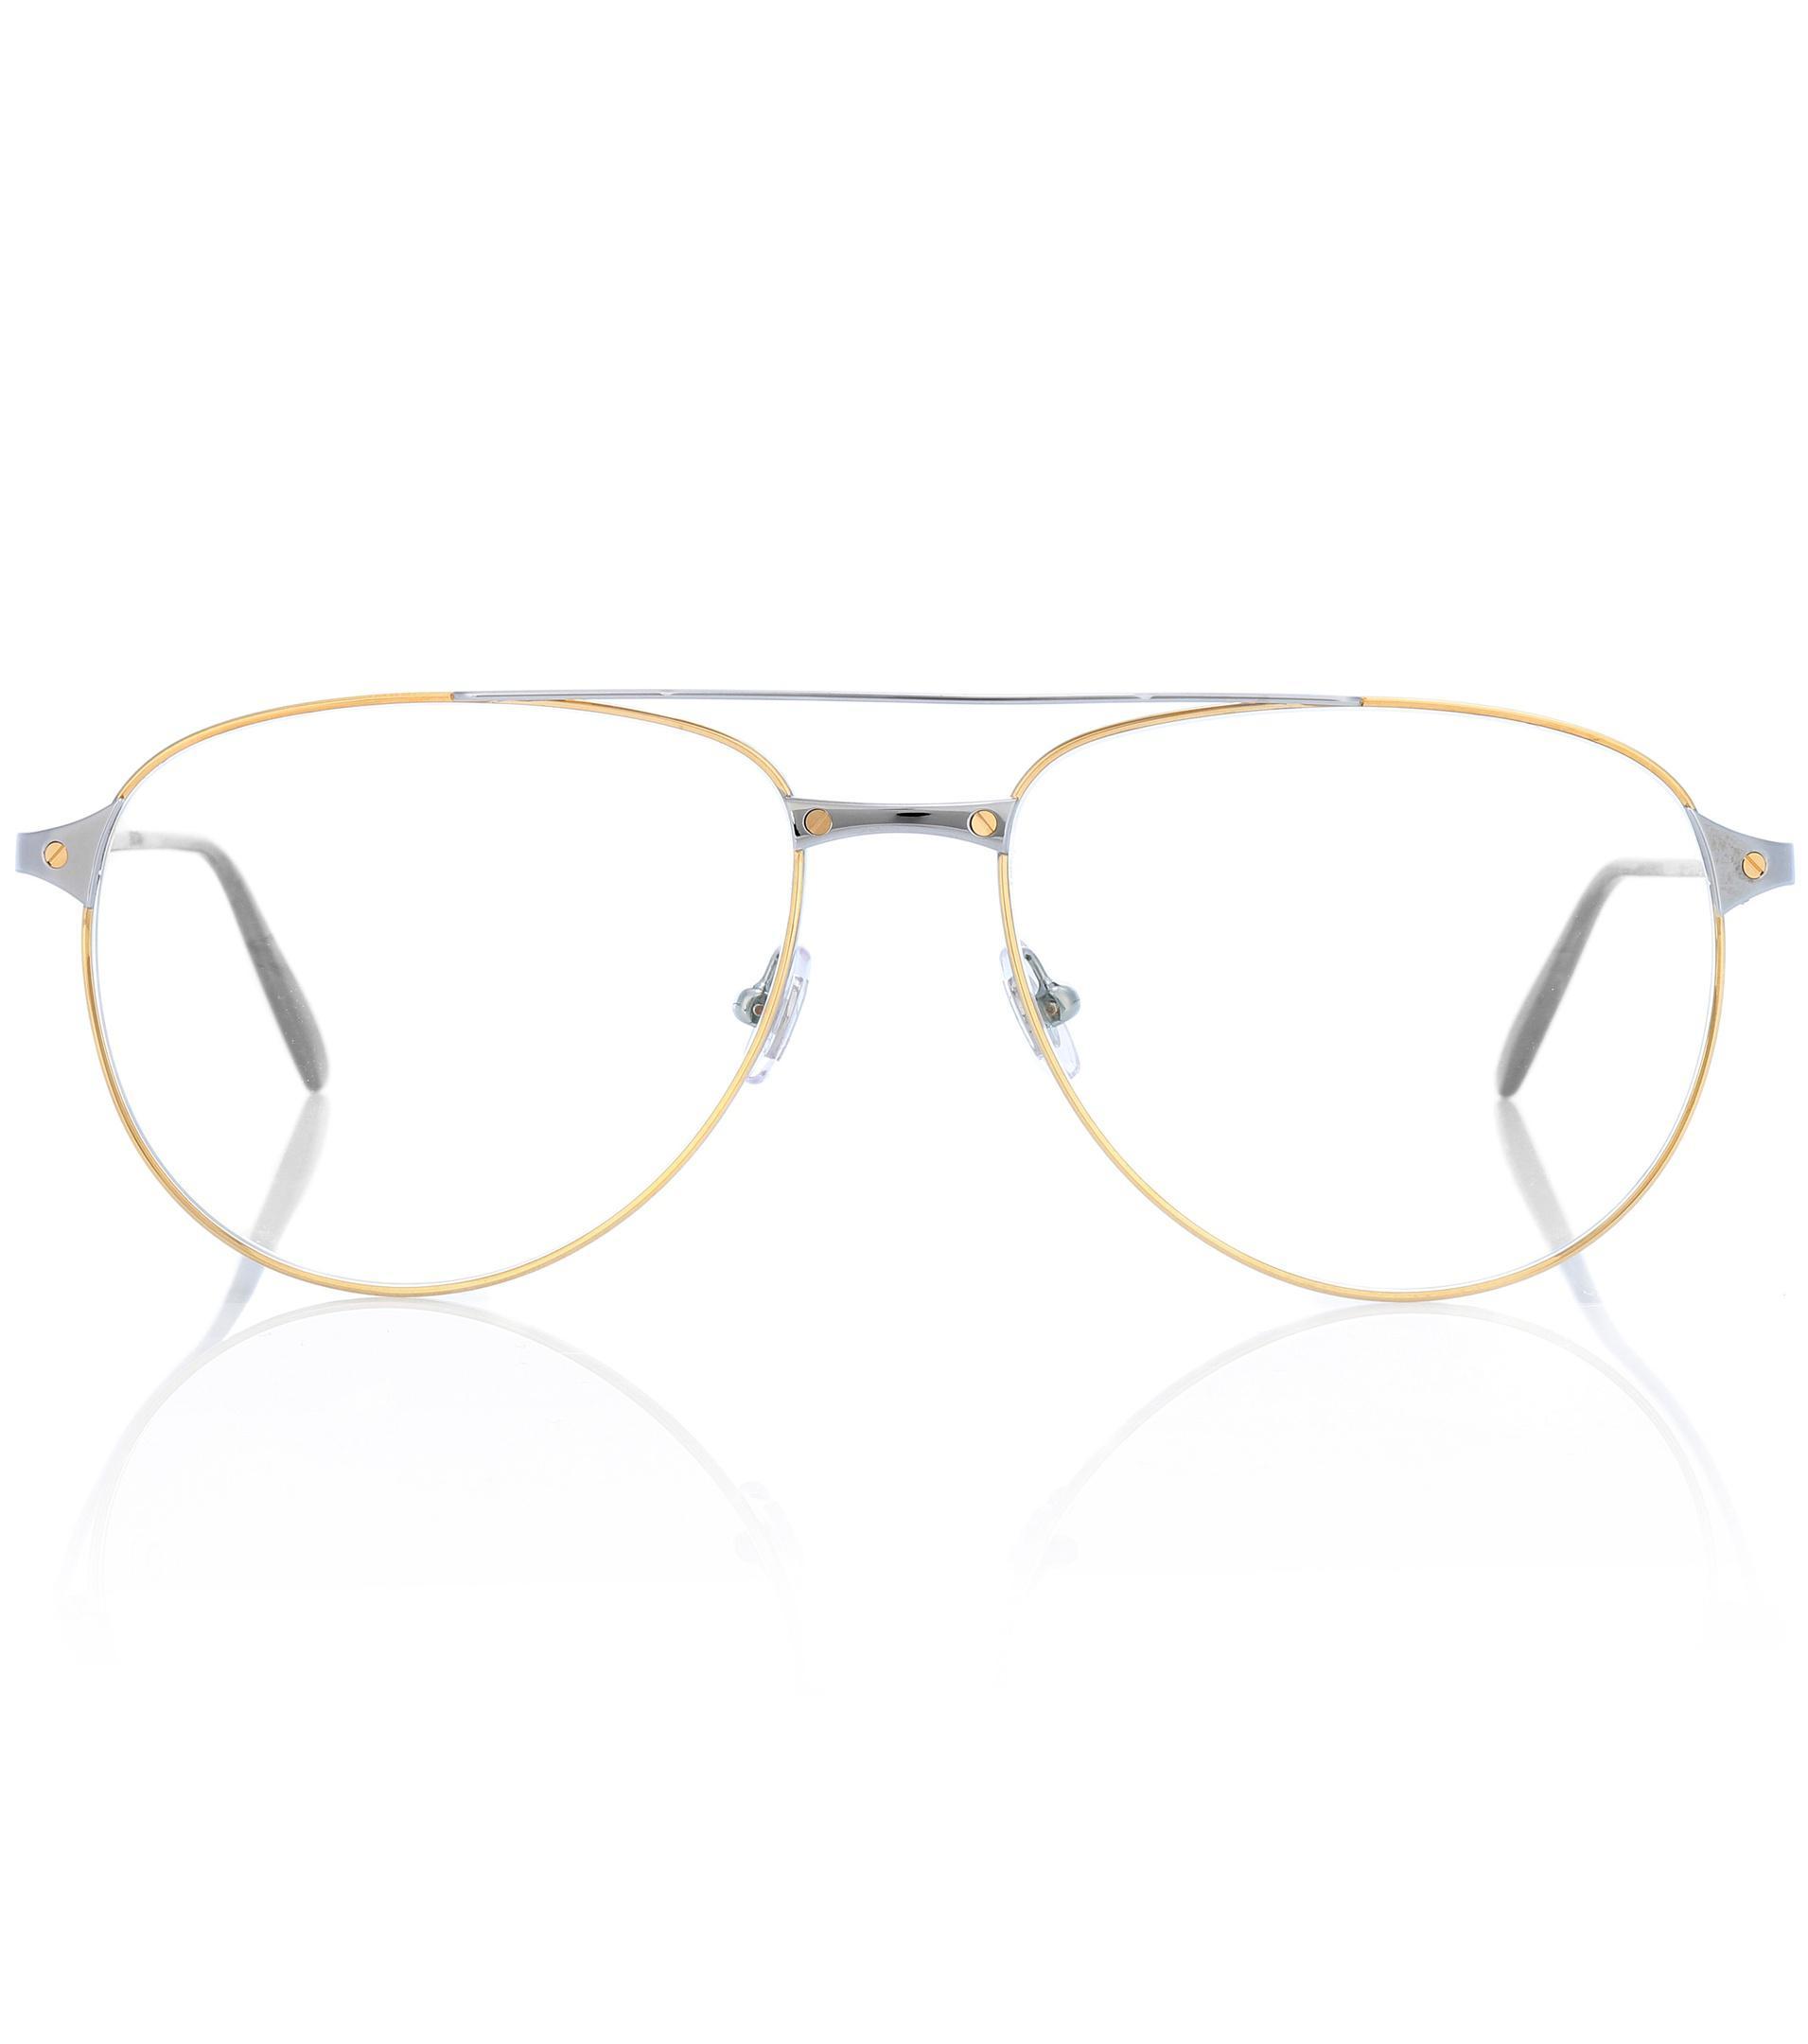 4ca13b8102 Lyst - Cartier Santos De Cartier Aviator Glasses in Metallic